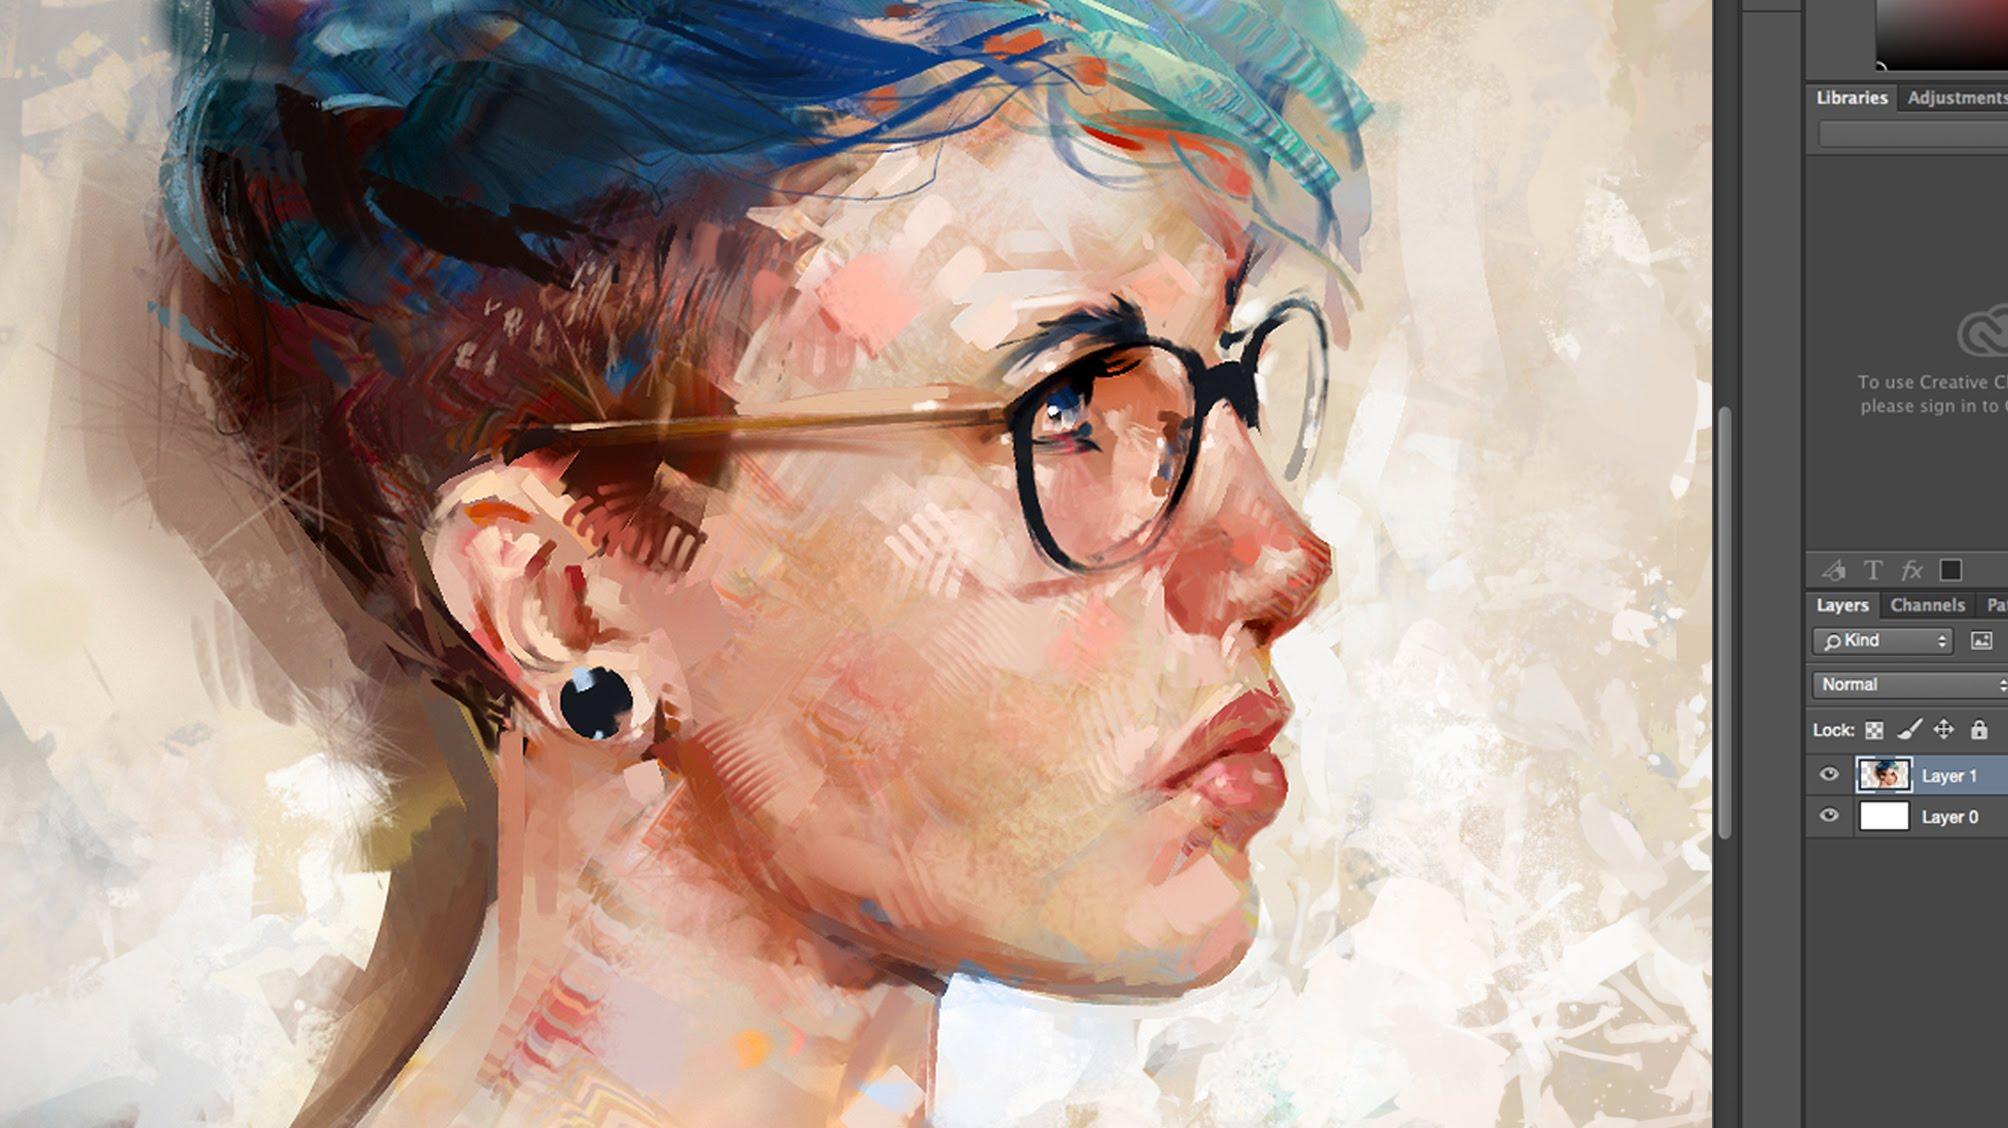 Drawn portrait digital A in  Photoshop Blue